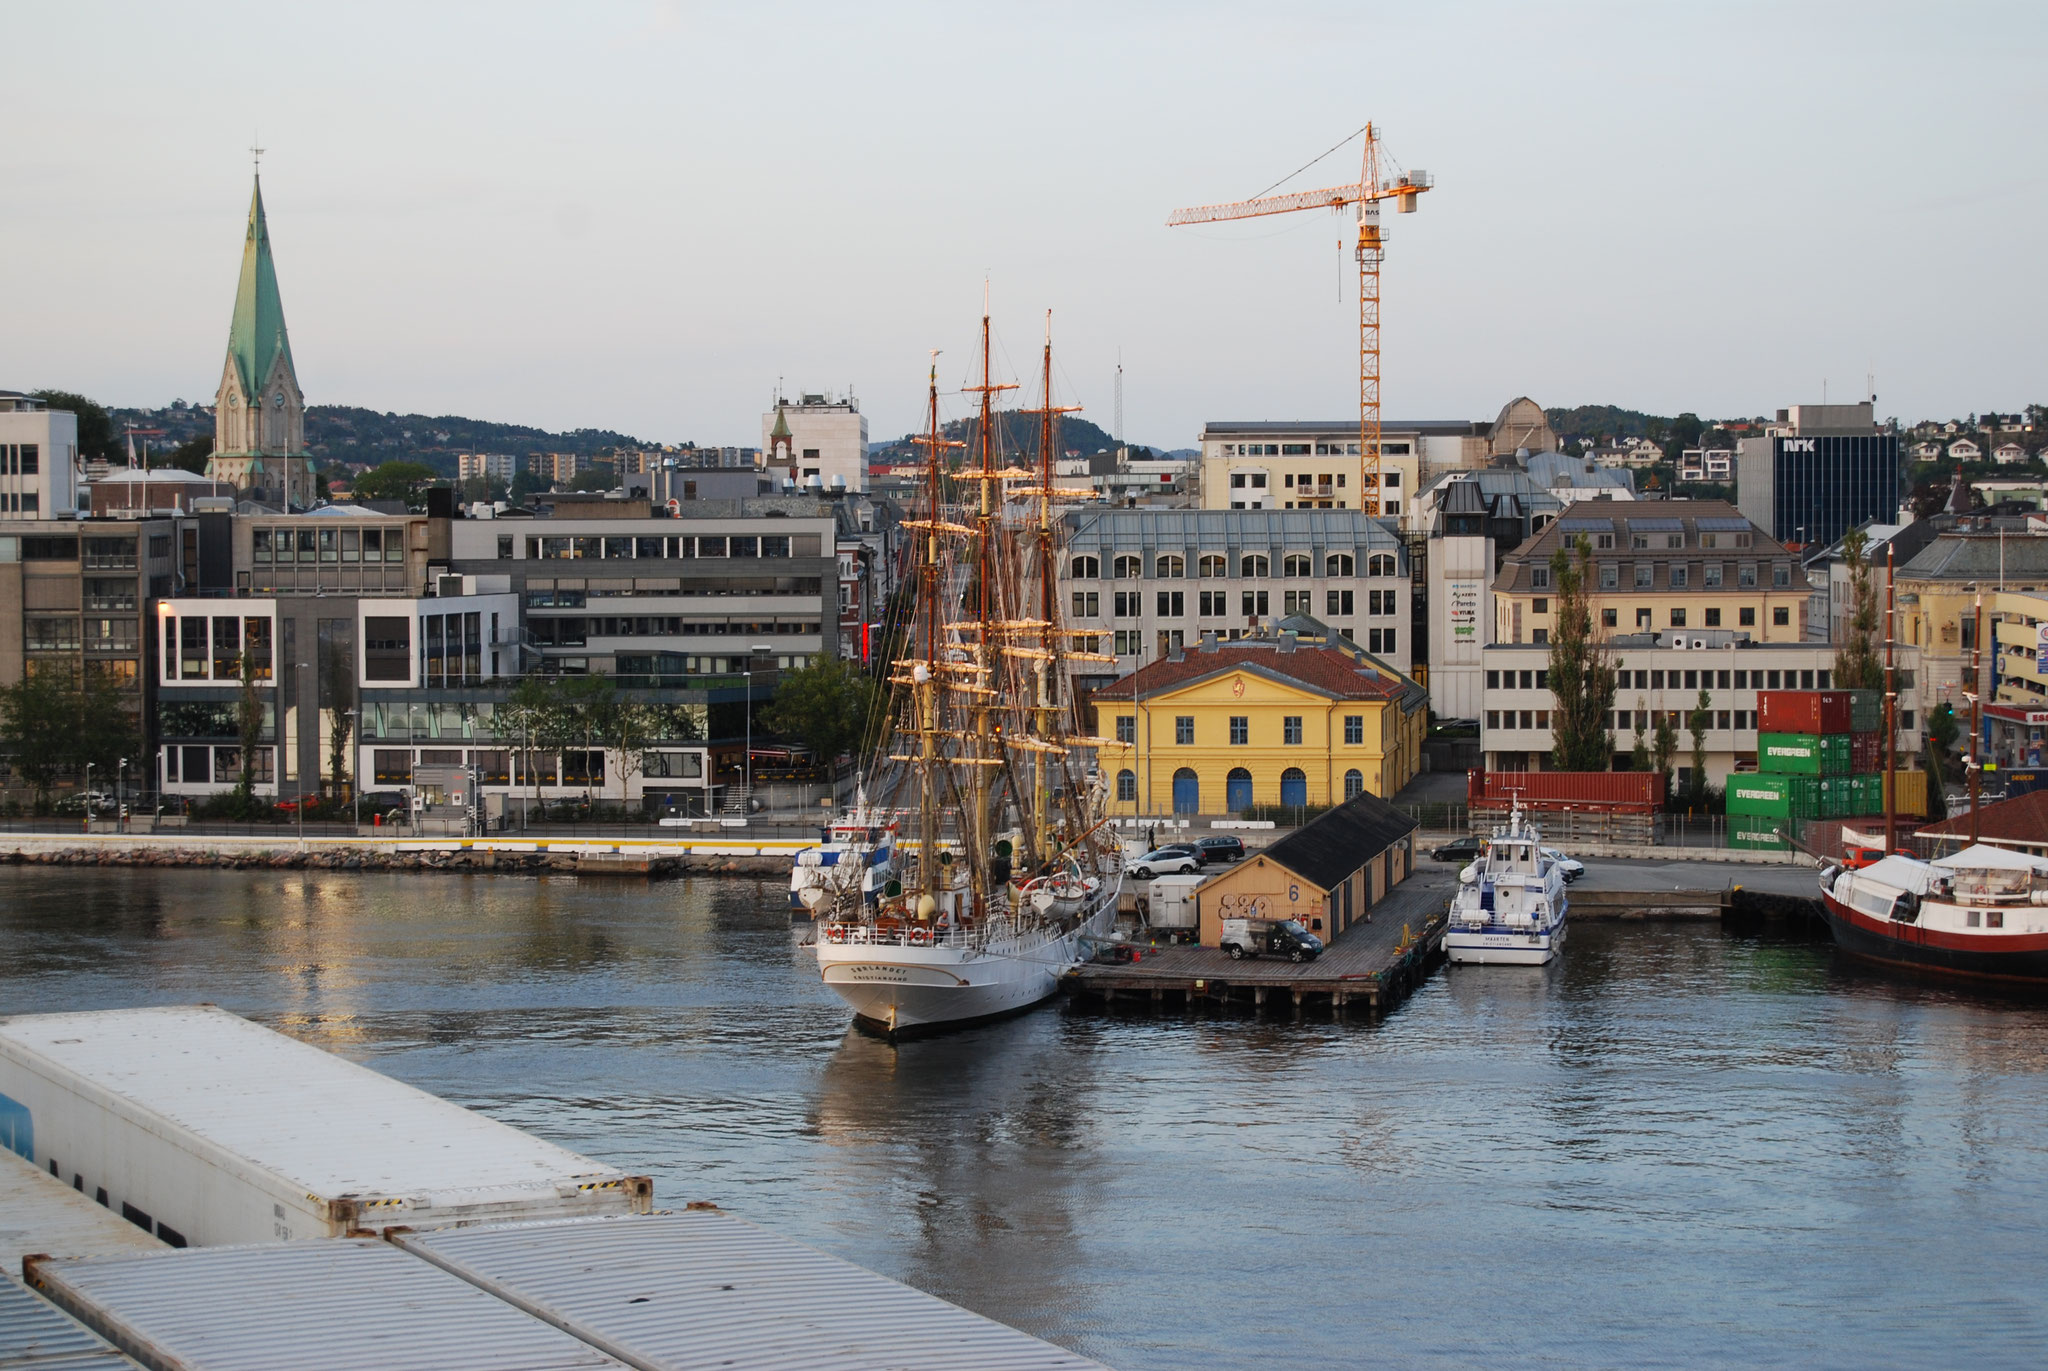 Einfahrt Hafen Kristiansand